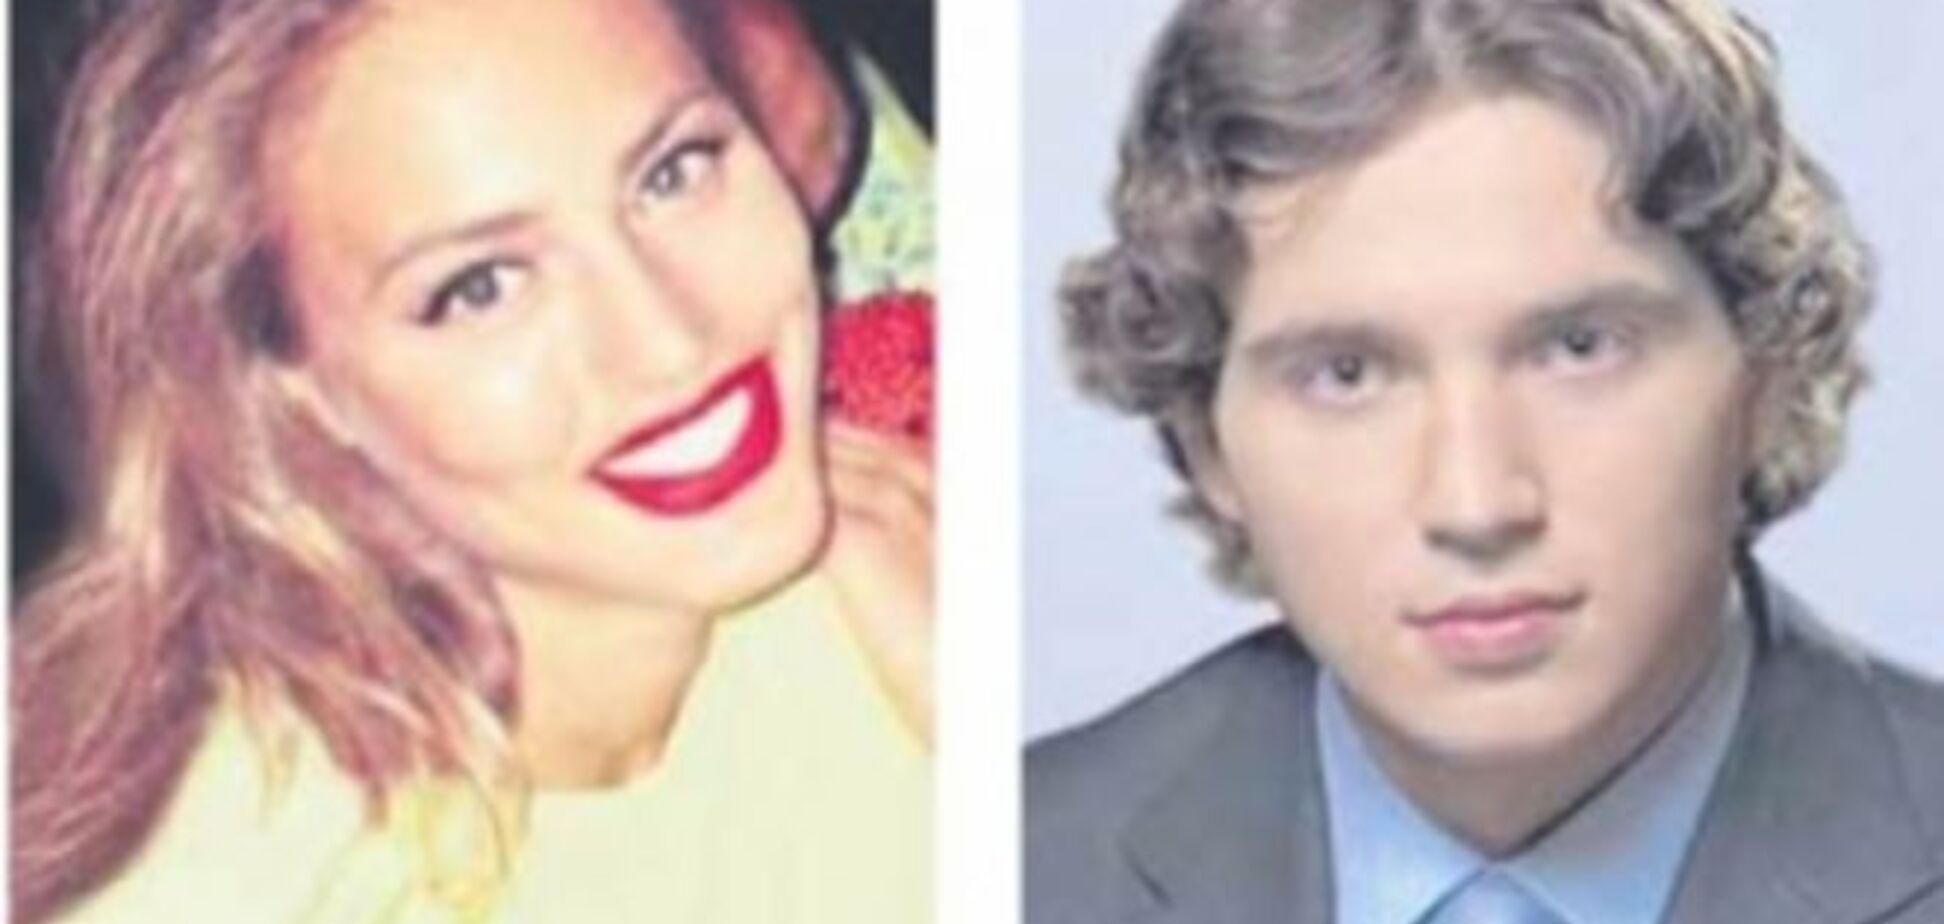 Син Ахметова одружився на дочці найбагатшого серба